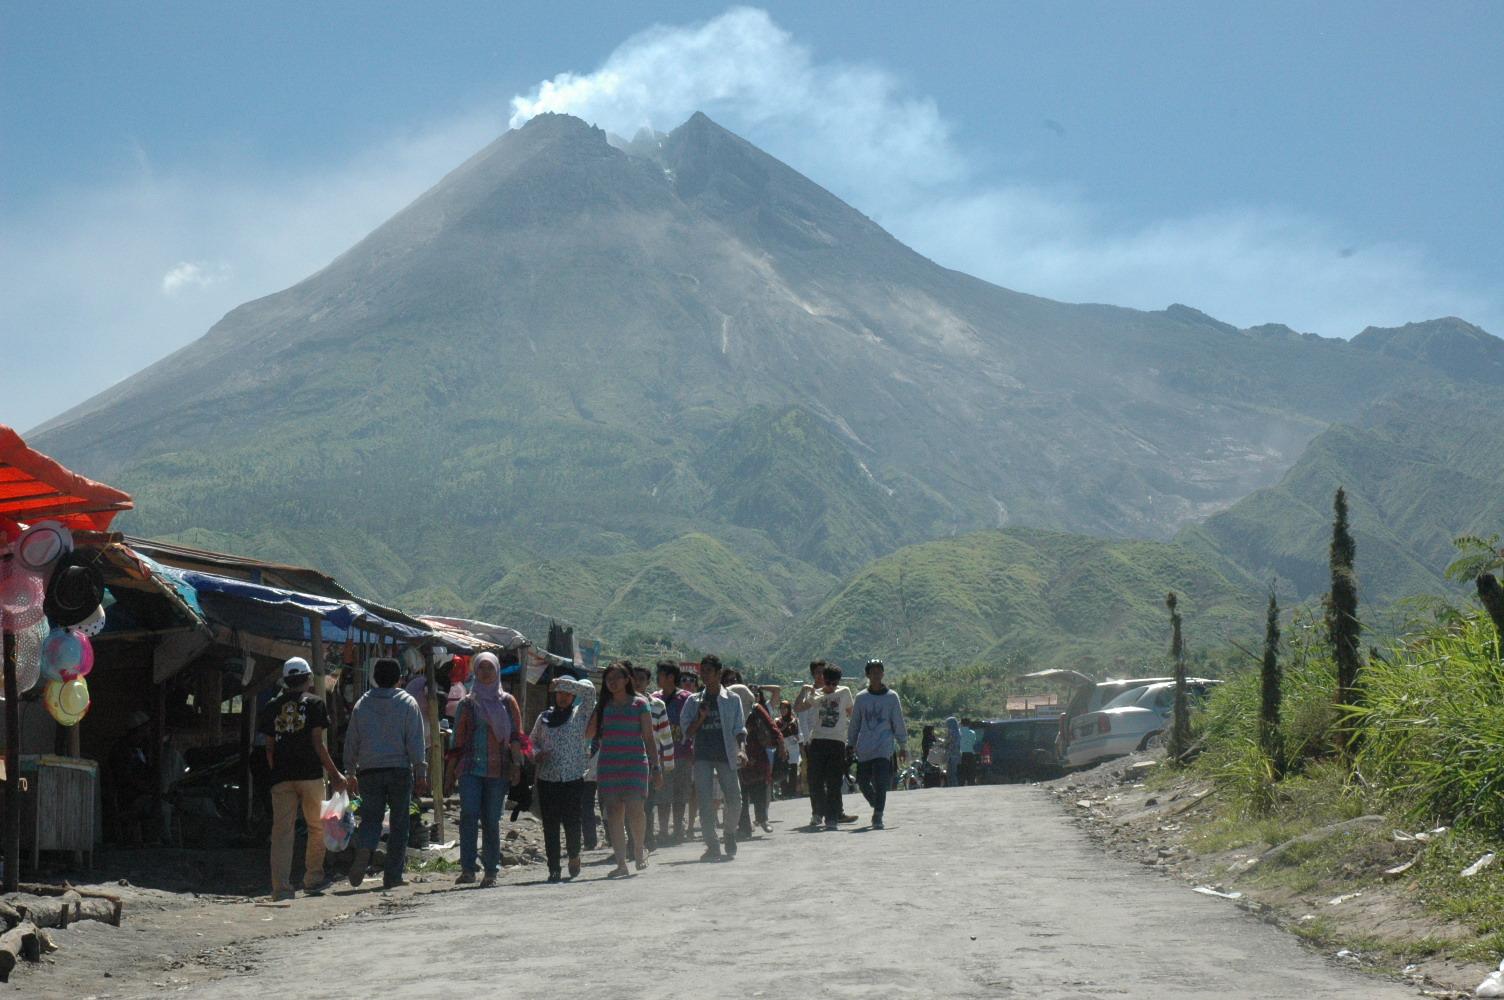 tempat wisata gunung merapi yogyakarta menyediakan banyak fasilitas didalamnya udara yang sangat sejuk mampu membuat semua orang betah untuk lebih berlama